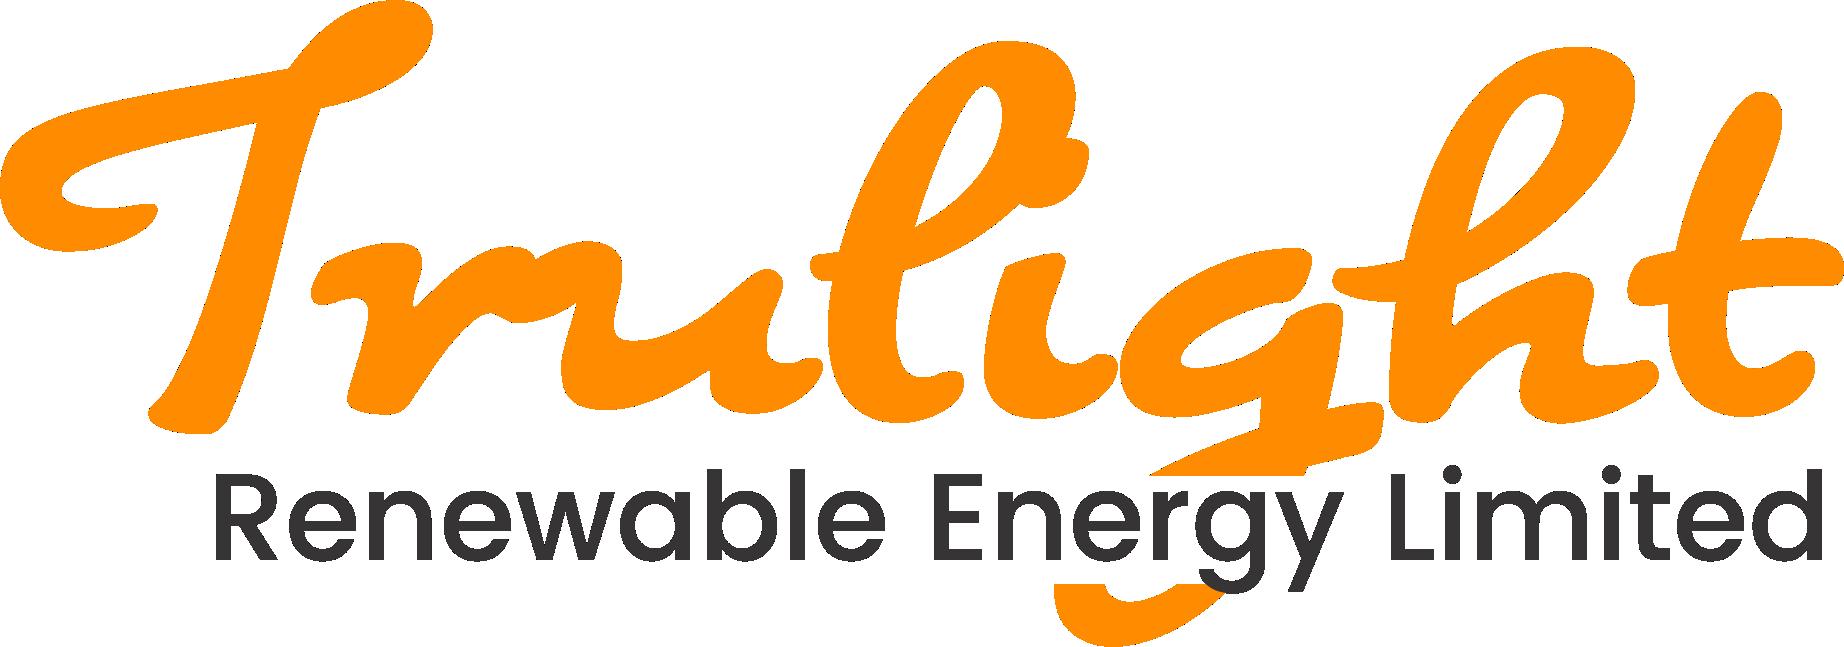 Trulight Renewable Energy